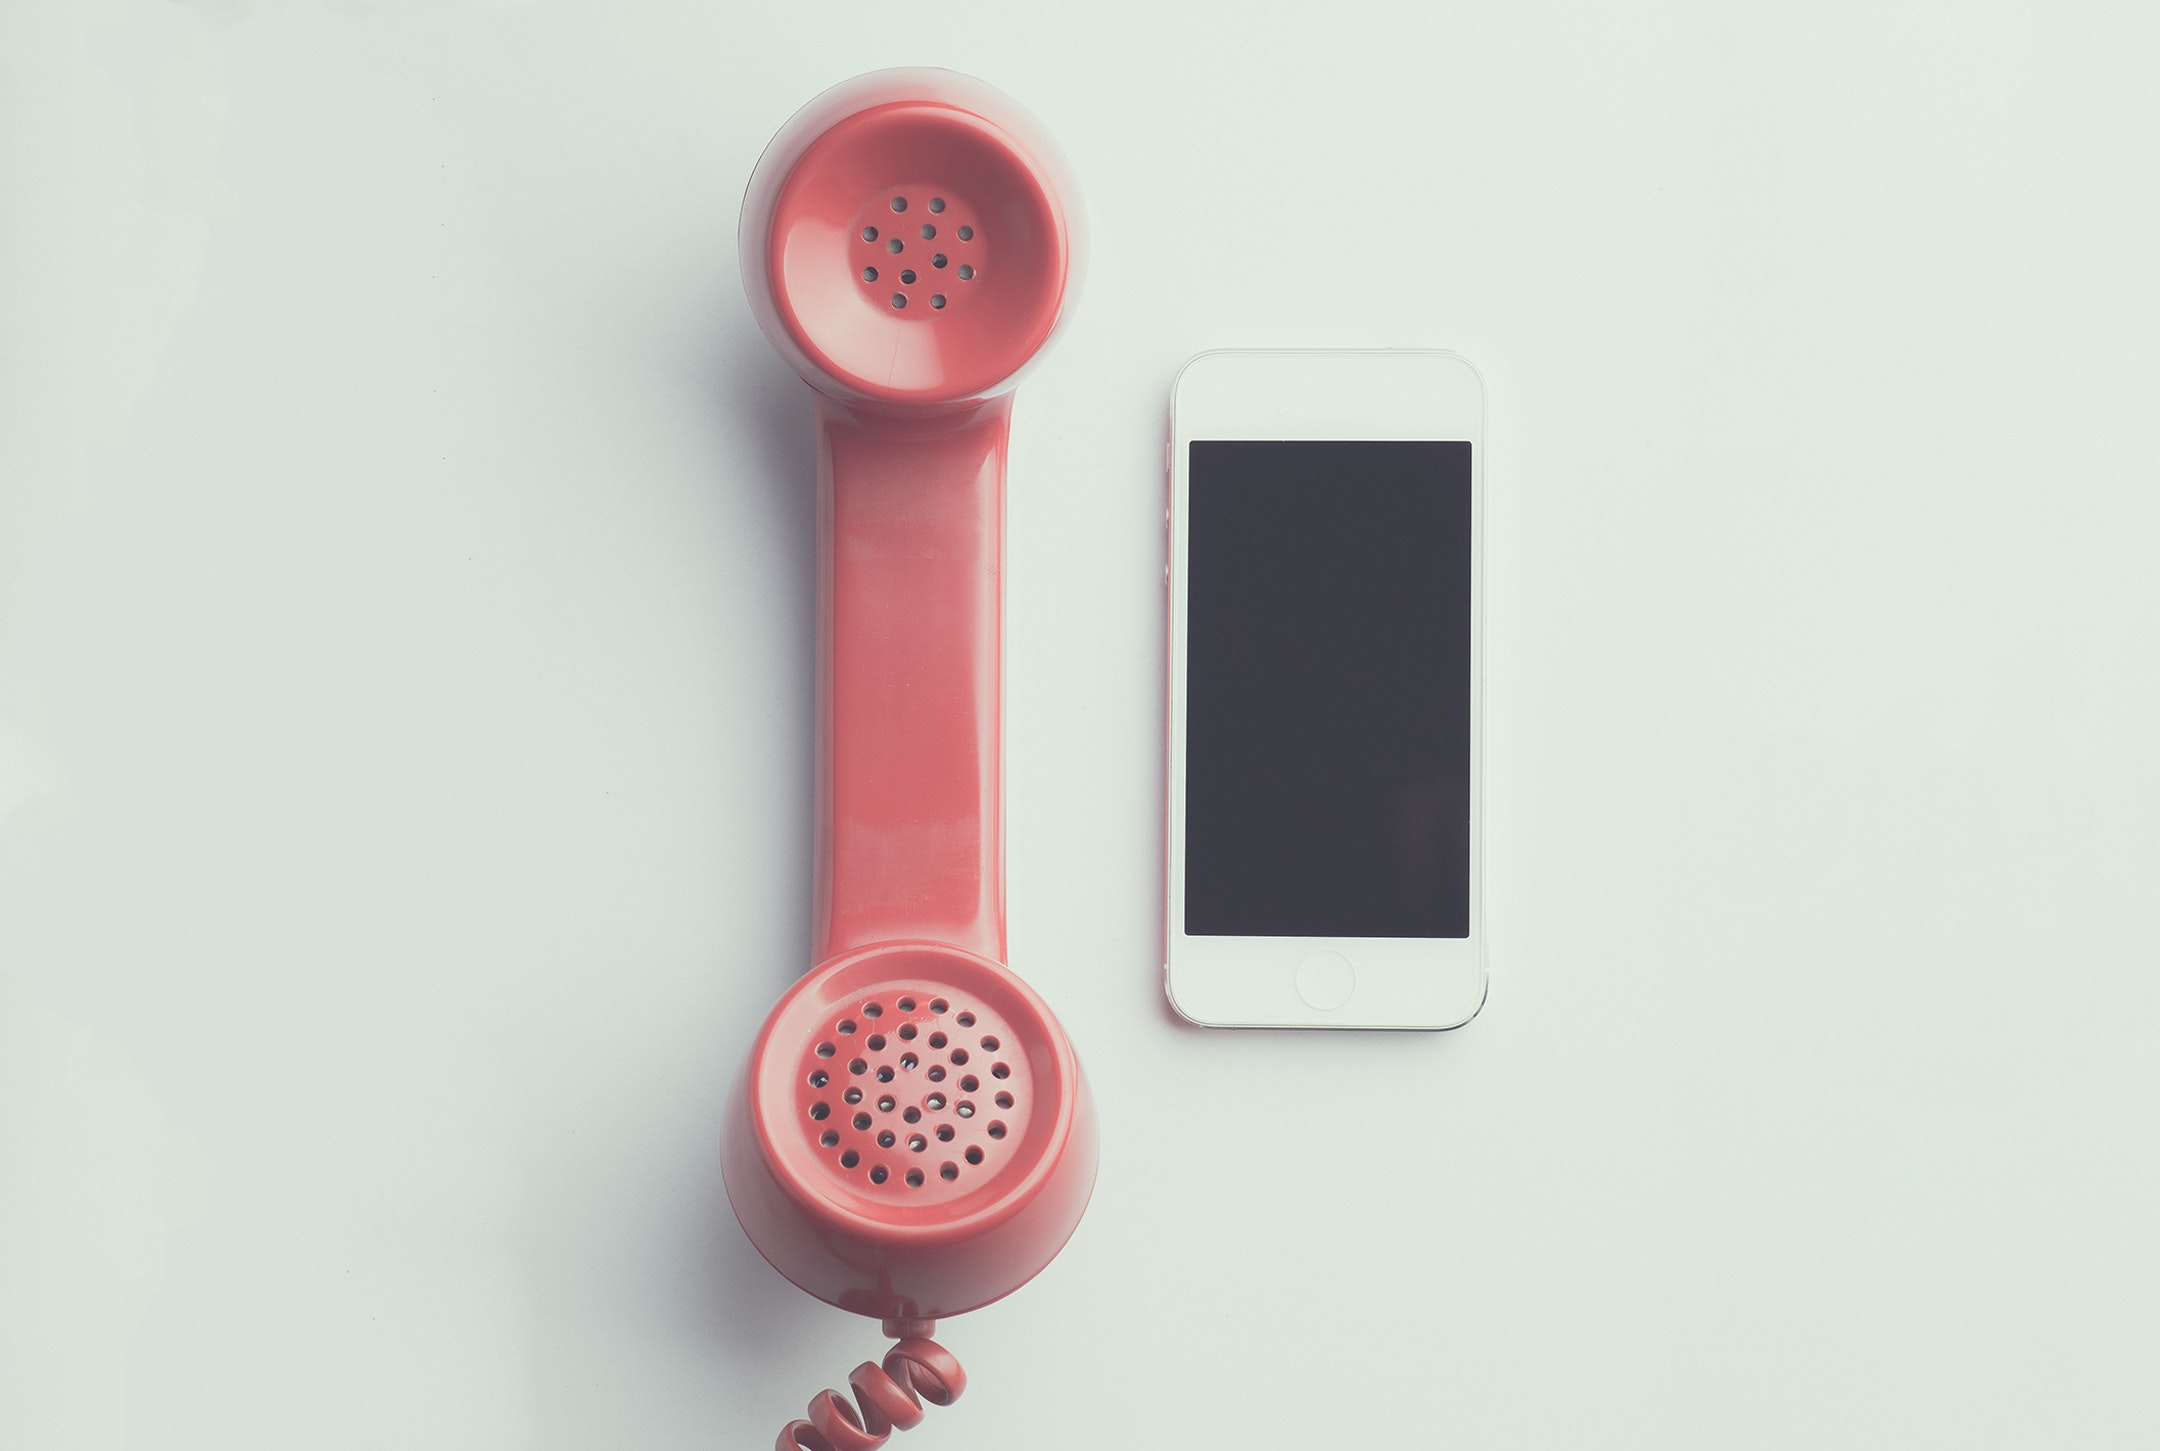 「何回も電話をかけてくる人」の心理